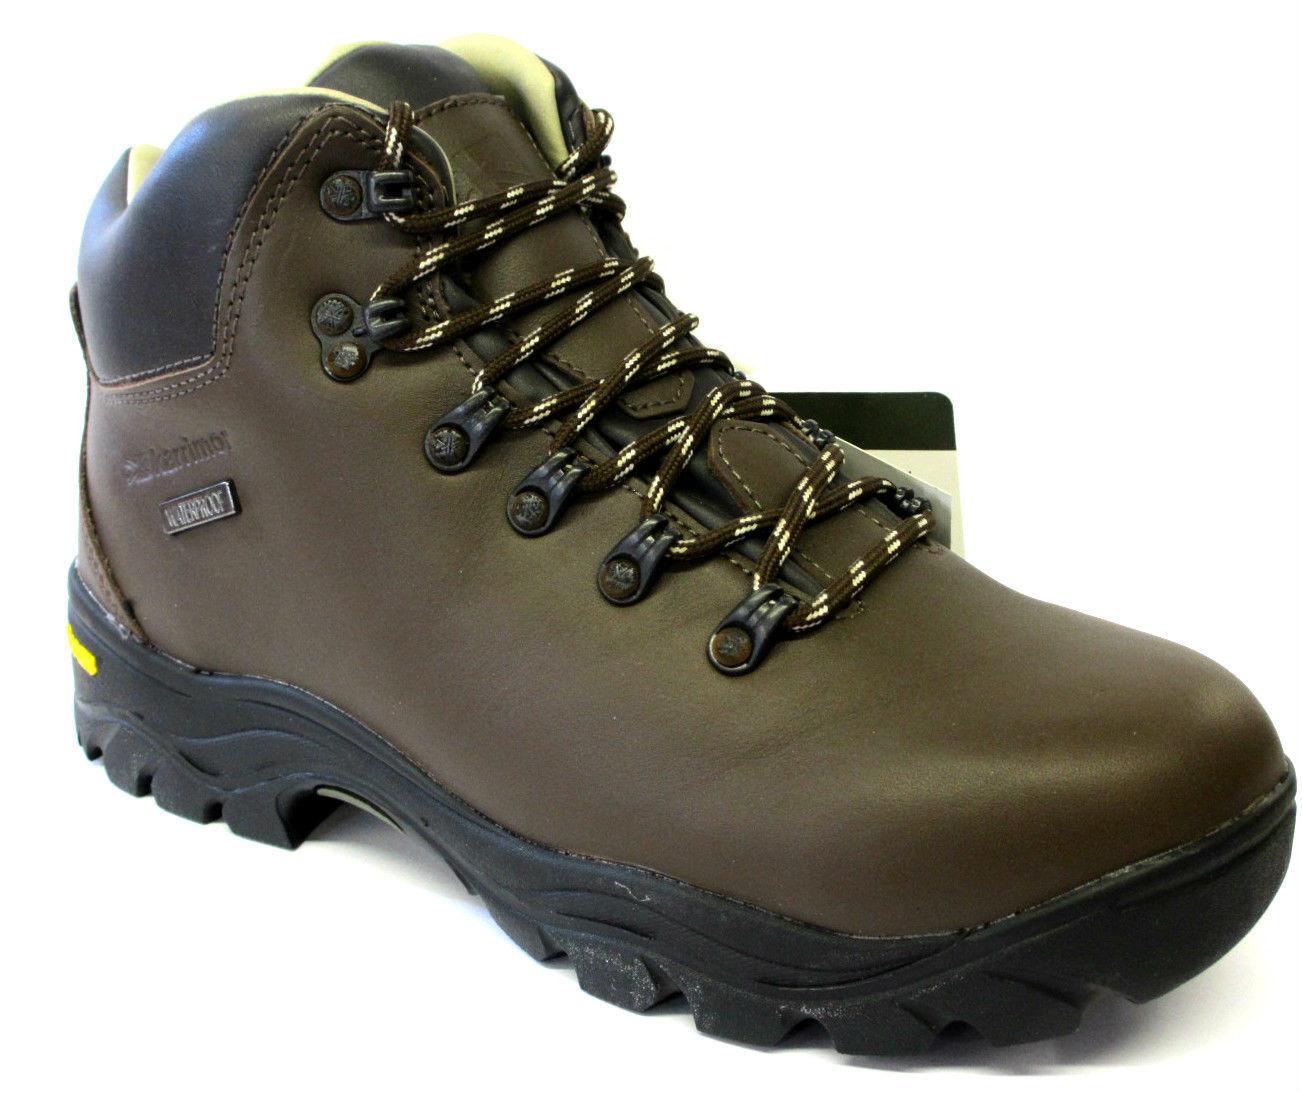 Karrimor 'Penrith L Weathertite' Ladies Brown Leather Waterproof Walking Boots